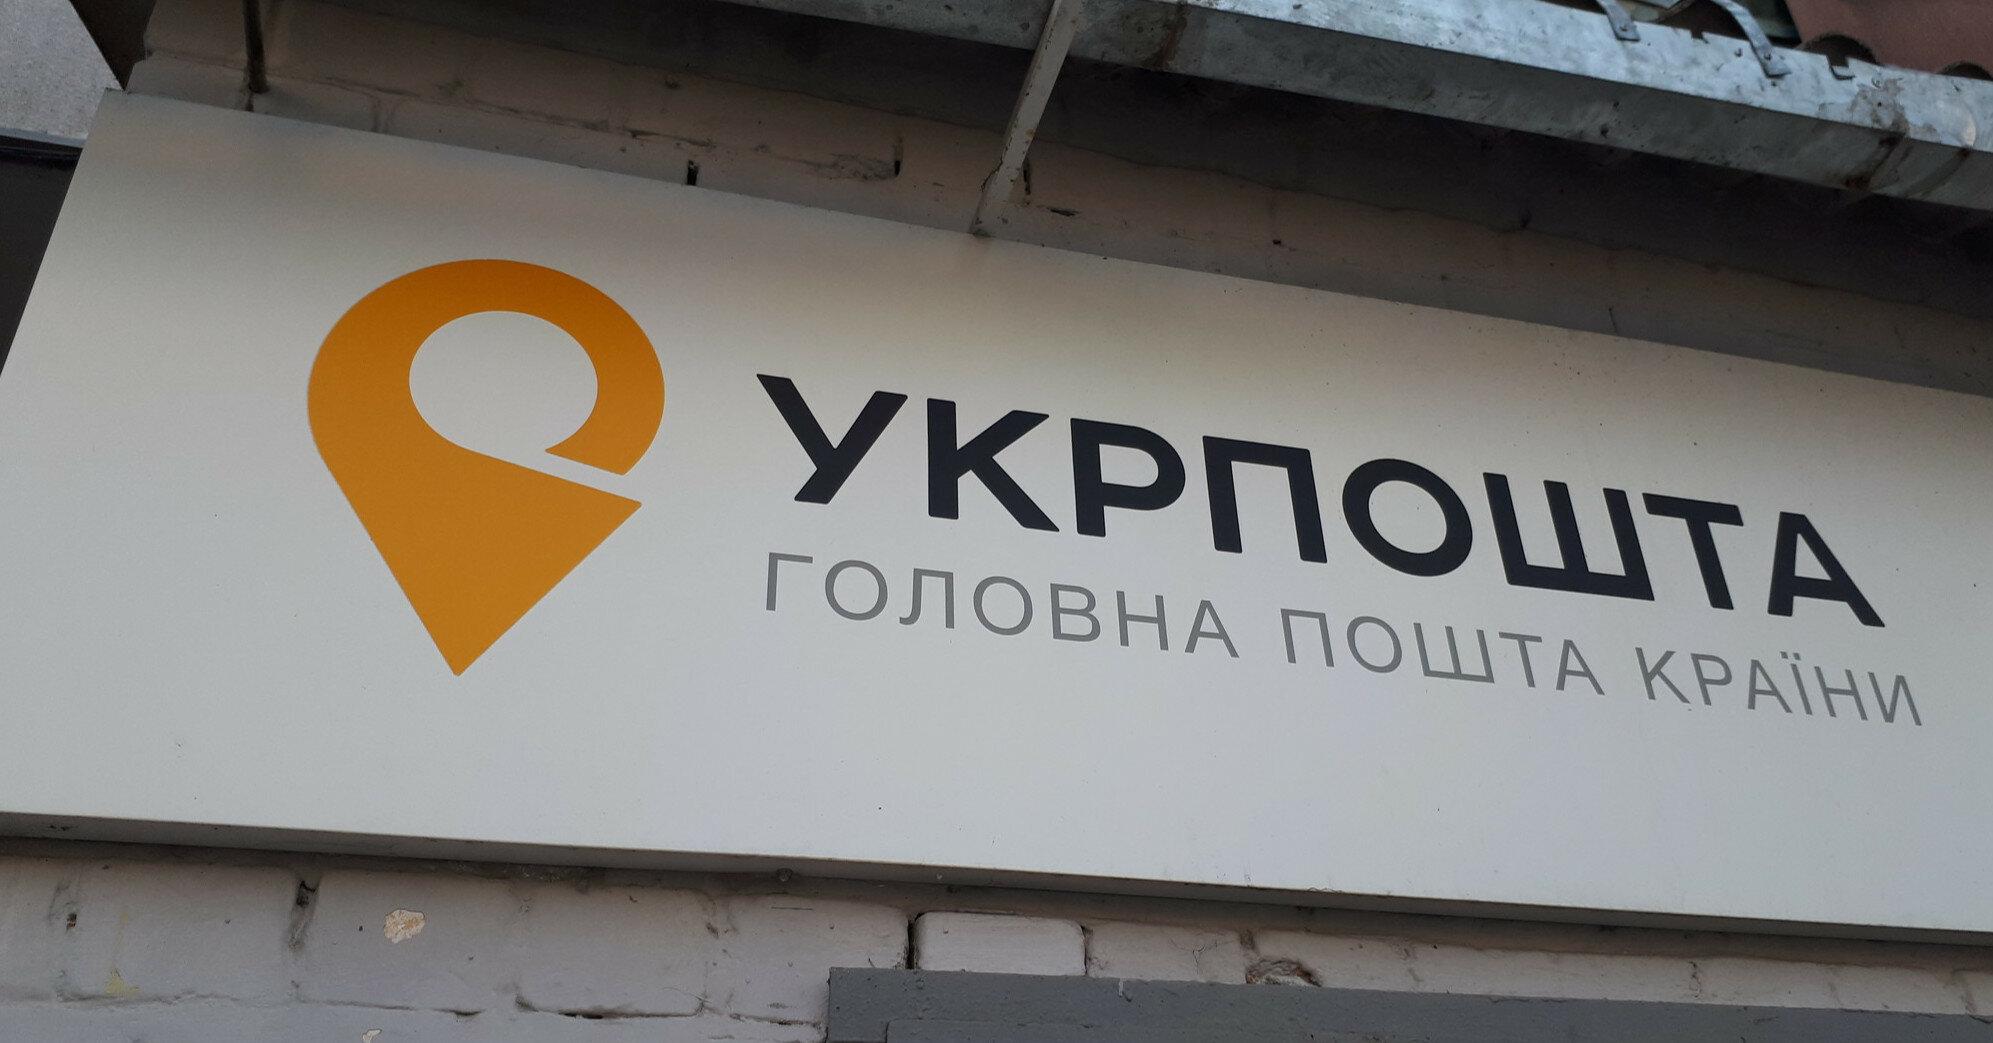 Почтовый банк и отремонтированные отделения: планы Укрпошты на 2 года